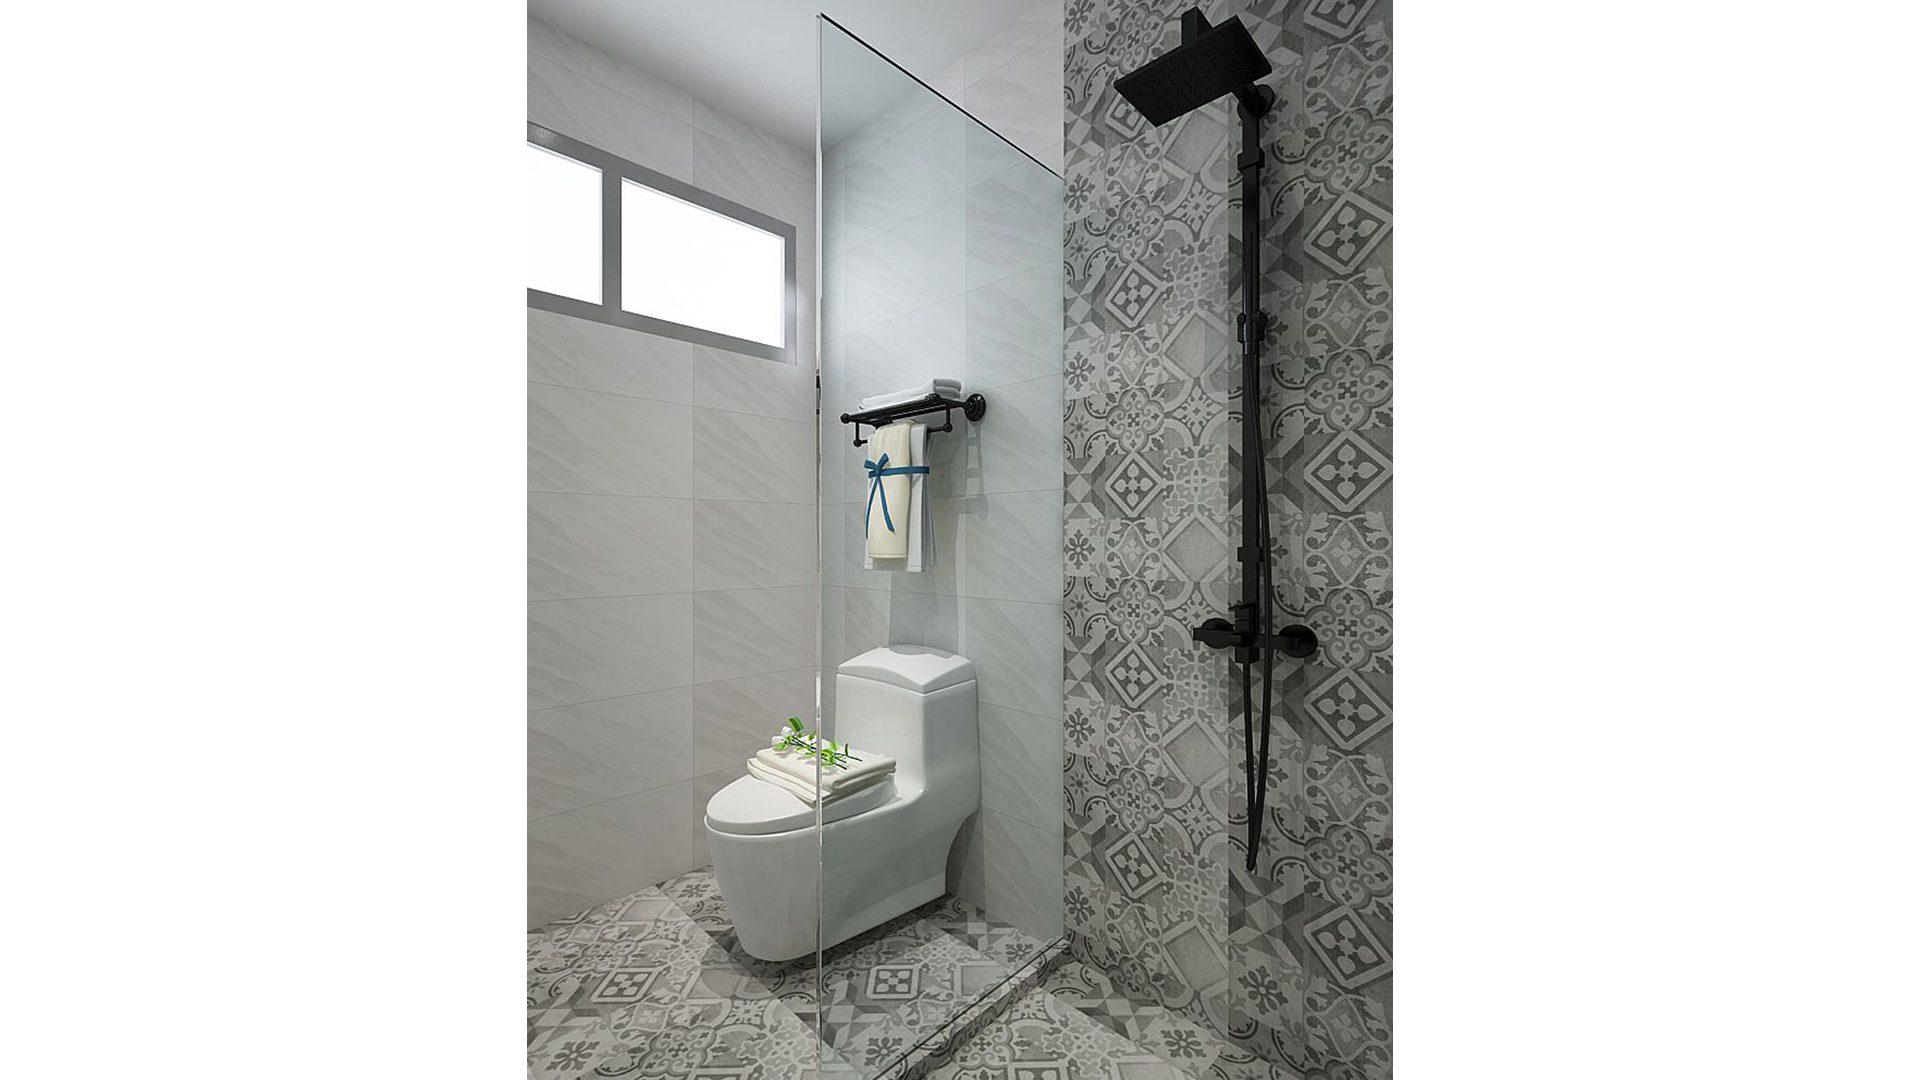 49 Dorset Road_sample interior design(1920x1080)_Home Quarters SG_KC Ng Keng Chong-5